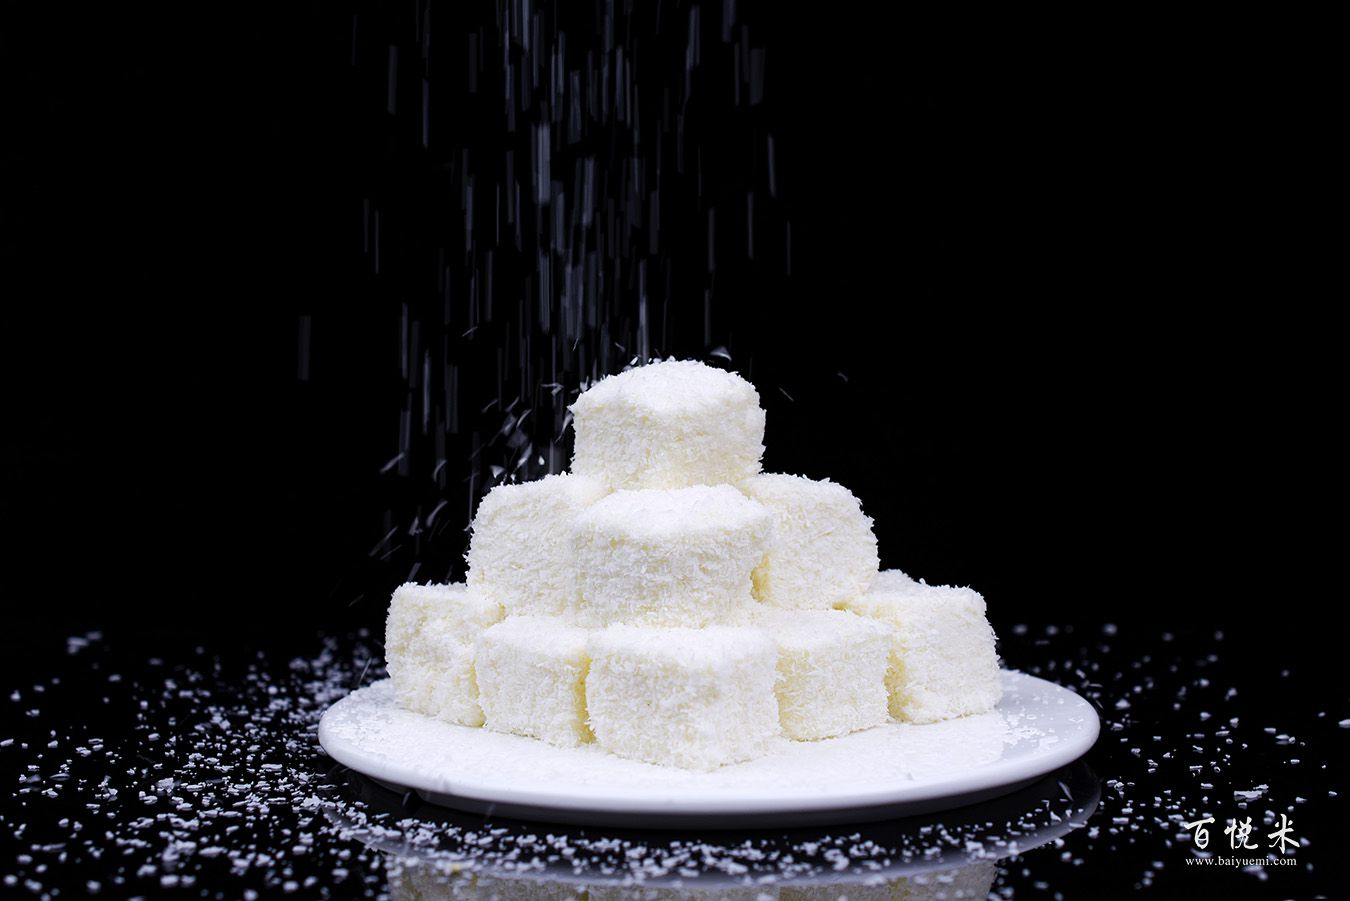 椰蓉牛奶小方高清图片大全【蛋糕图片】_1025